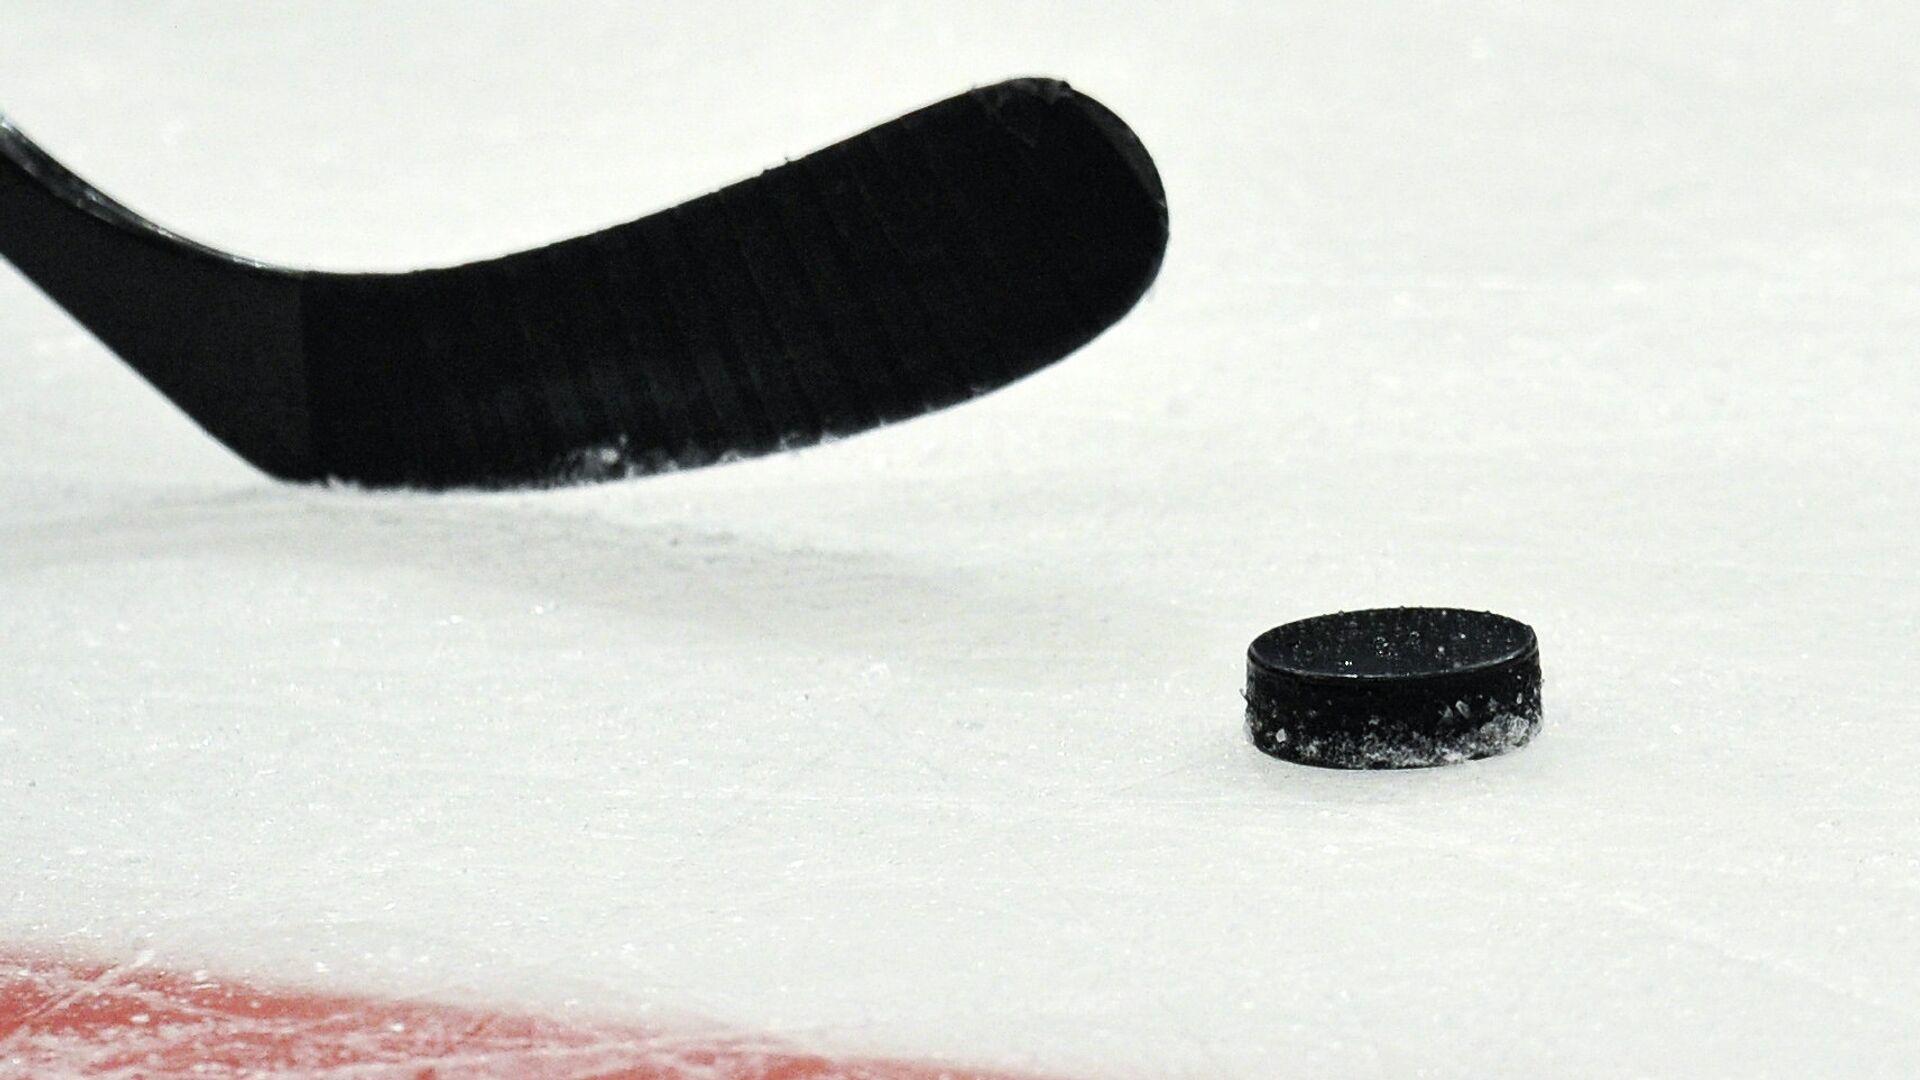 Хоккей на льду - РИА Новости, 1920, 11.11.2020